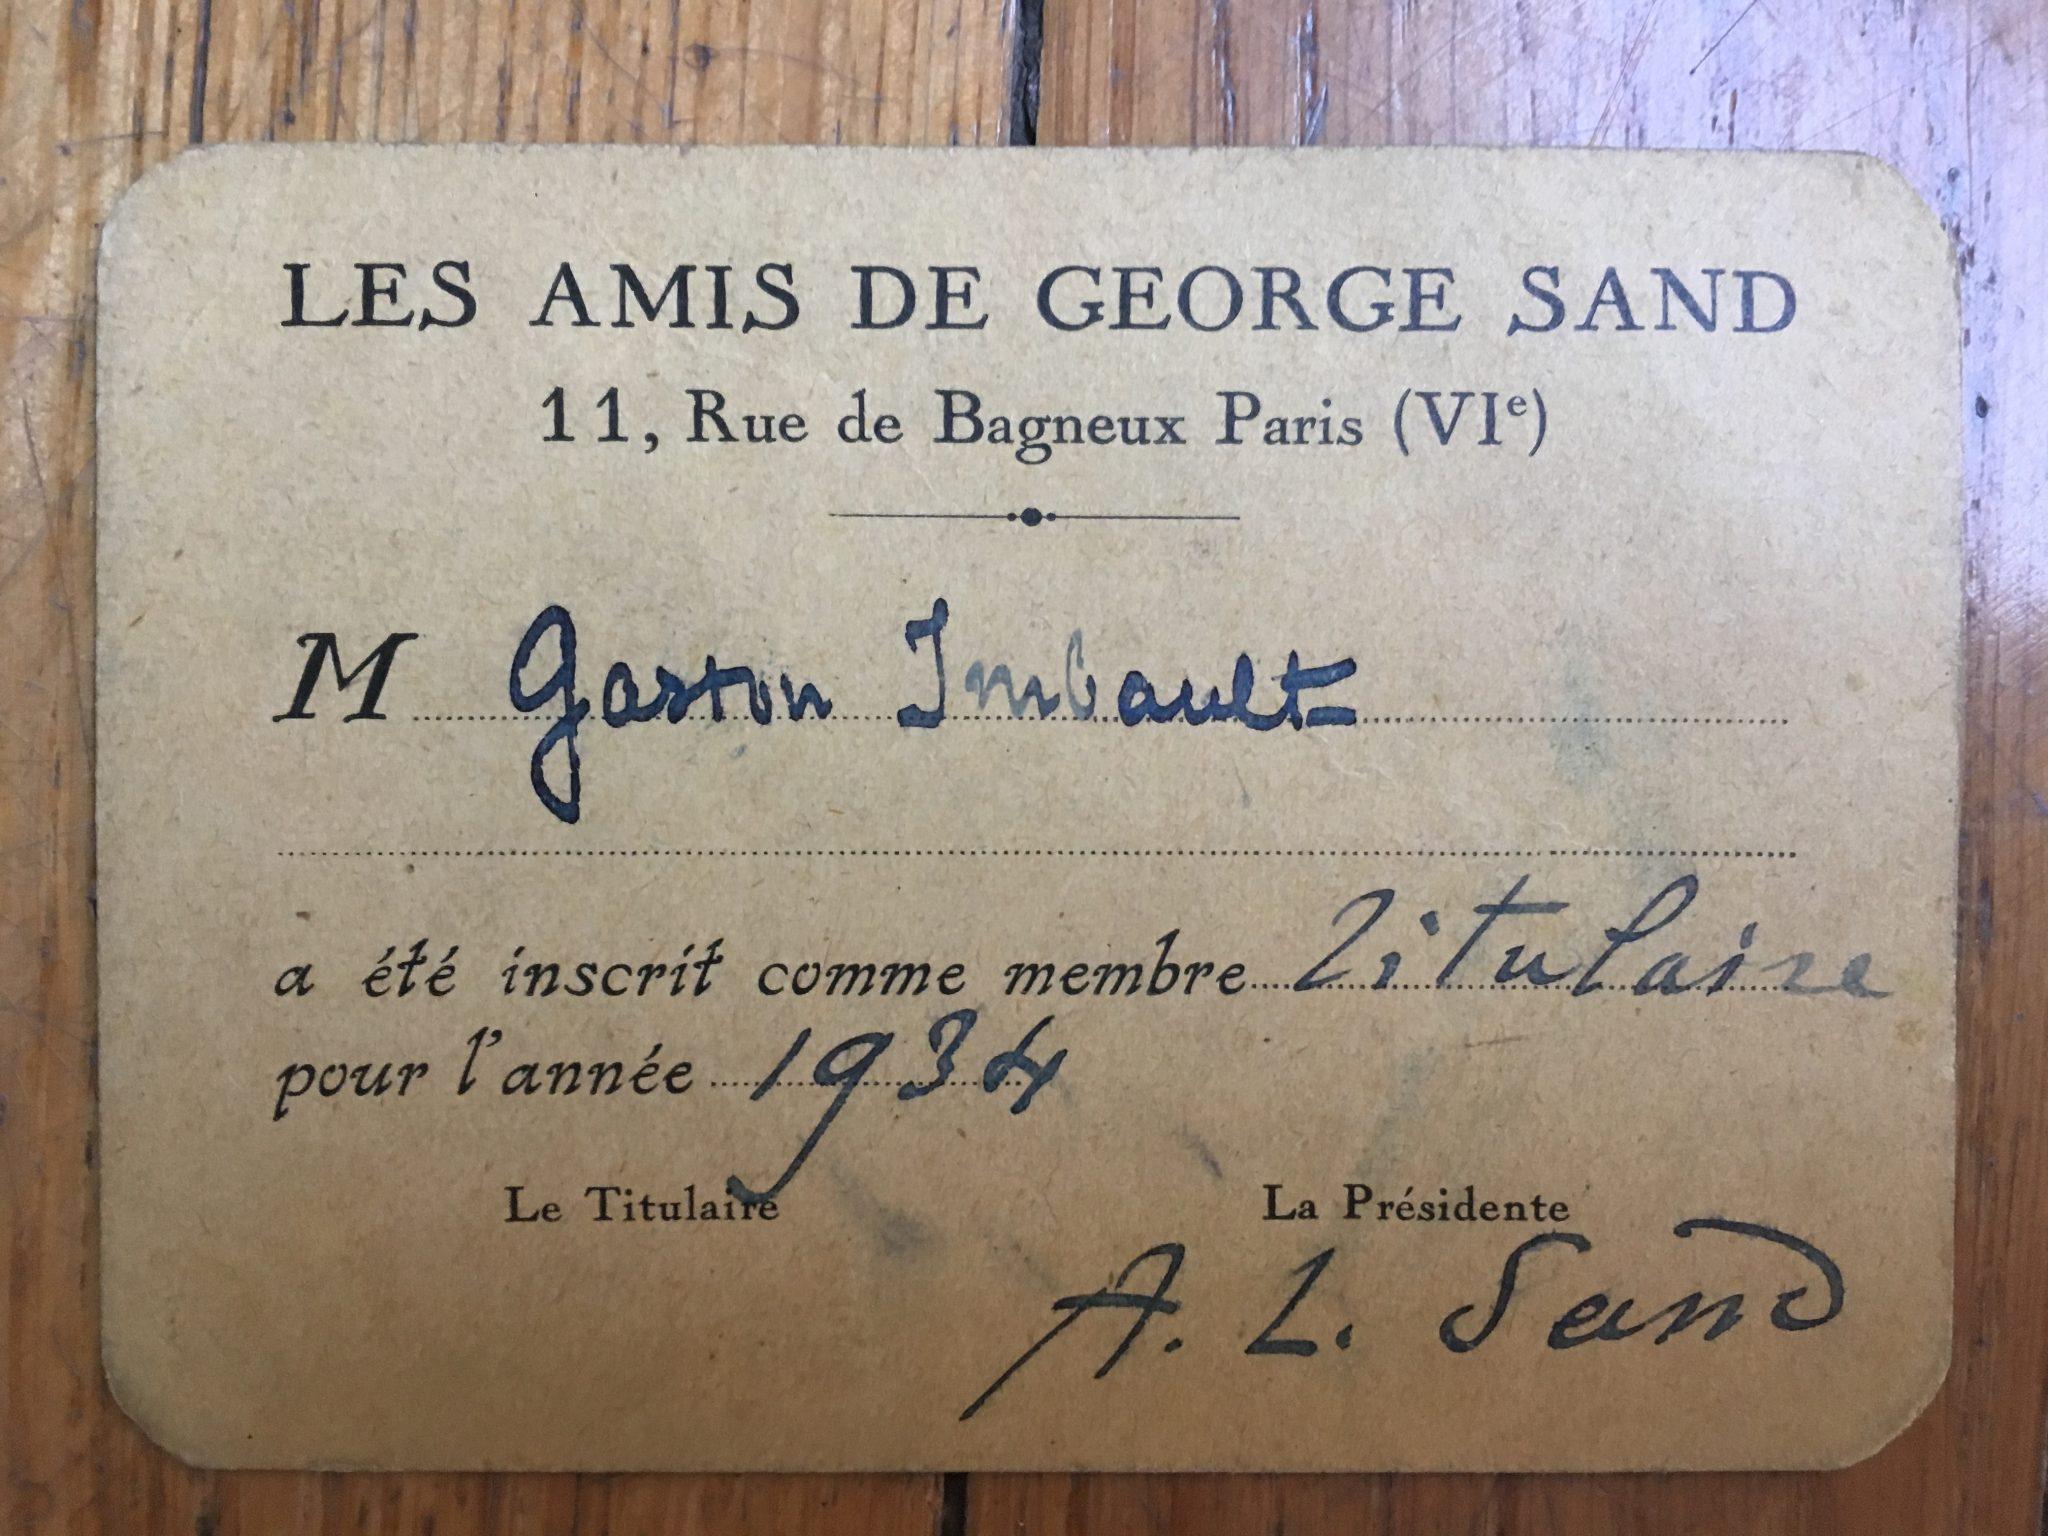 Carte des adhérents des amis de George Sand